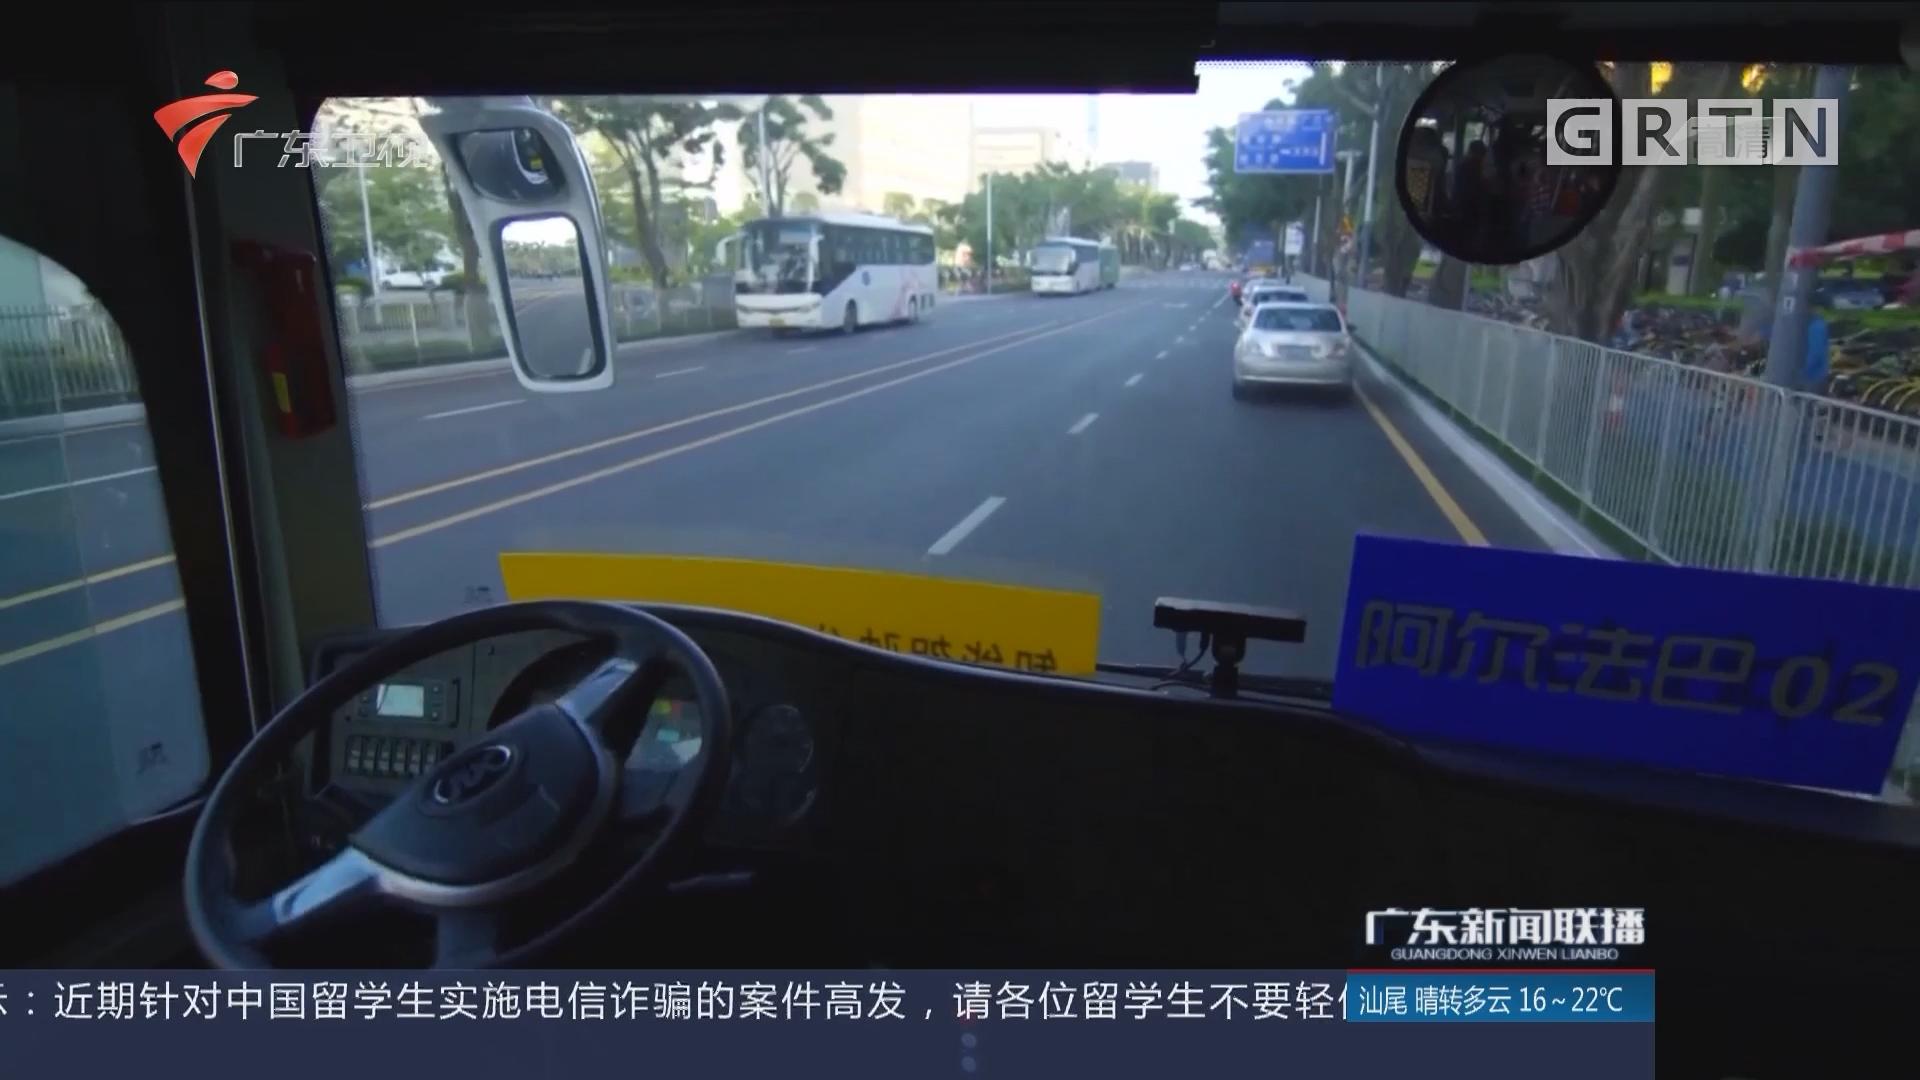 全国首批智能公交在深落地试运行